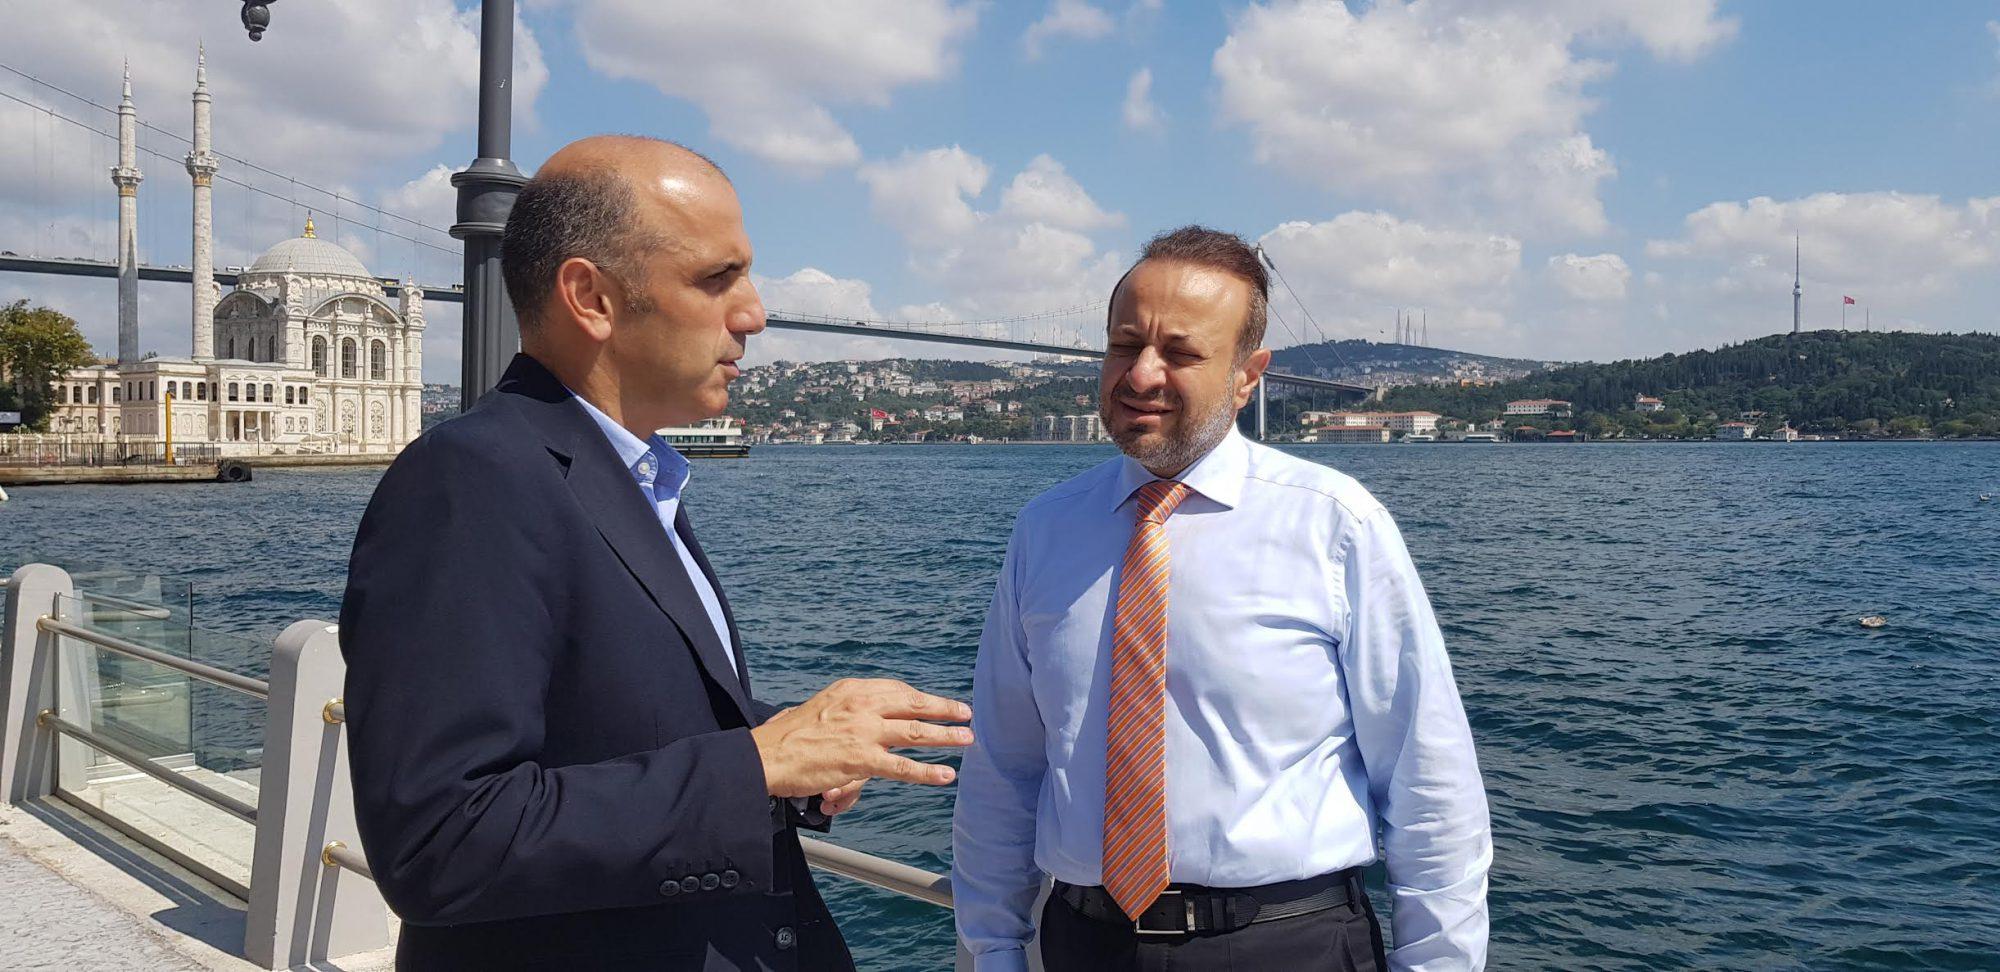 Συνέντευξη με τον Egemen Bağış, πρώην υπουργό Ευρωπαϊκών Υποθέσεων της Τουρκίας